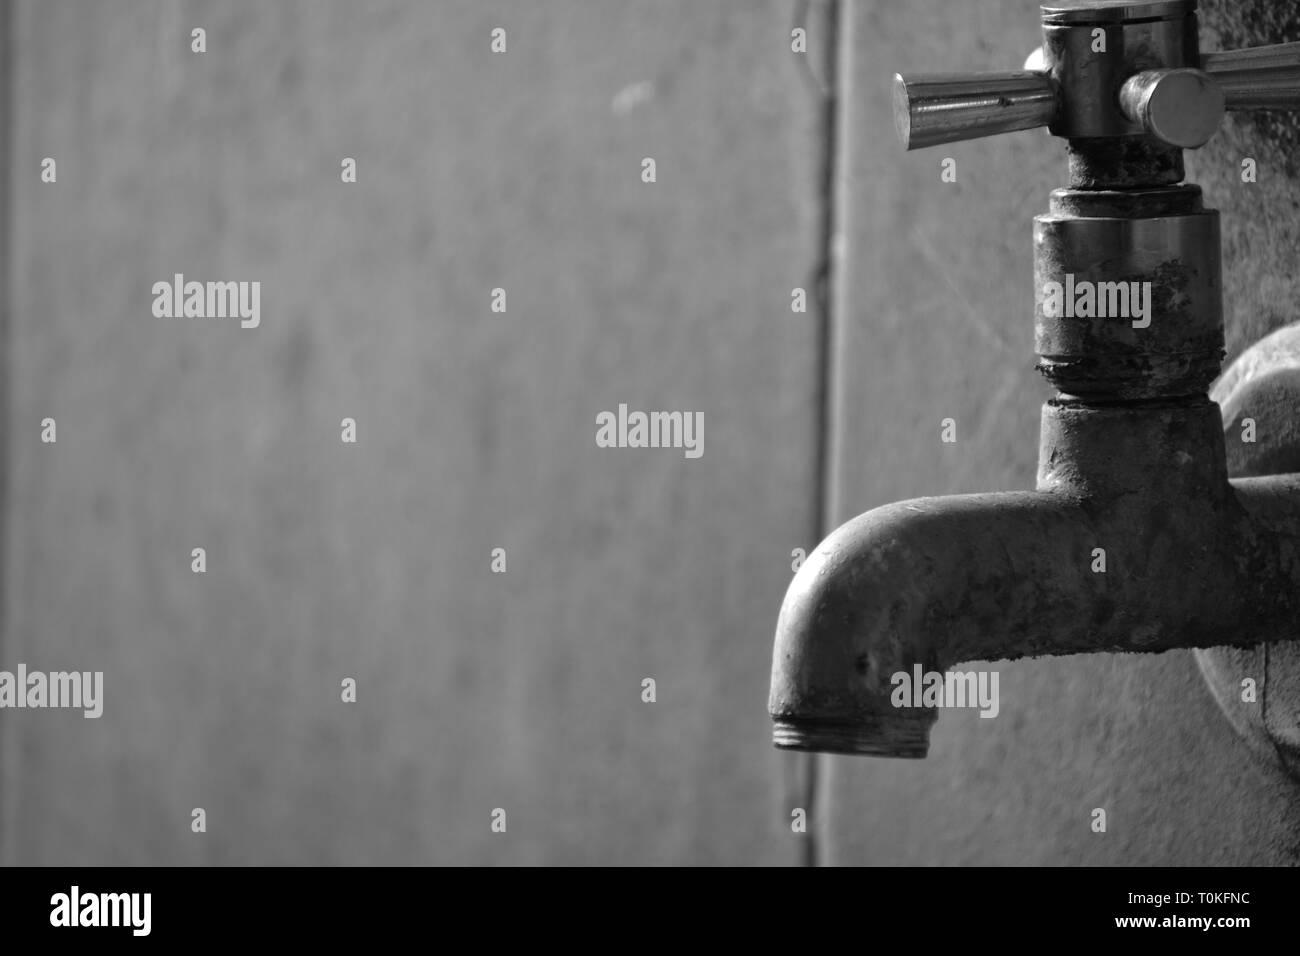 Ragazze bianche con i rubinetti neri